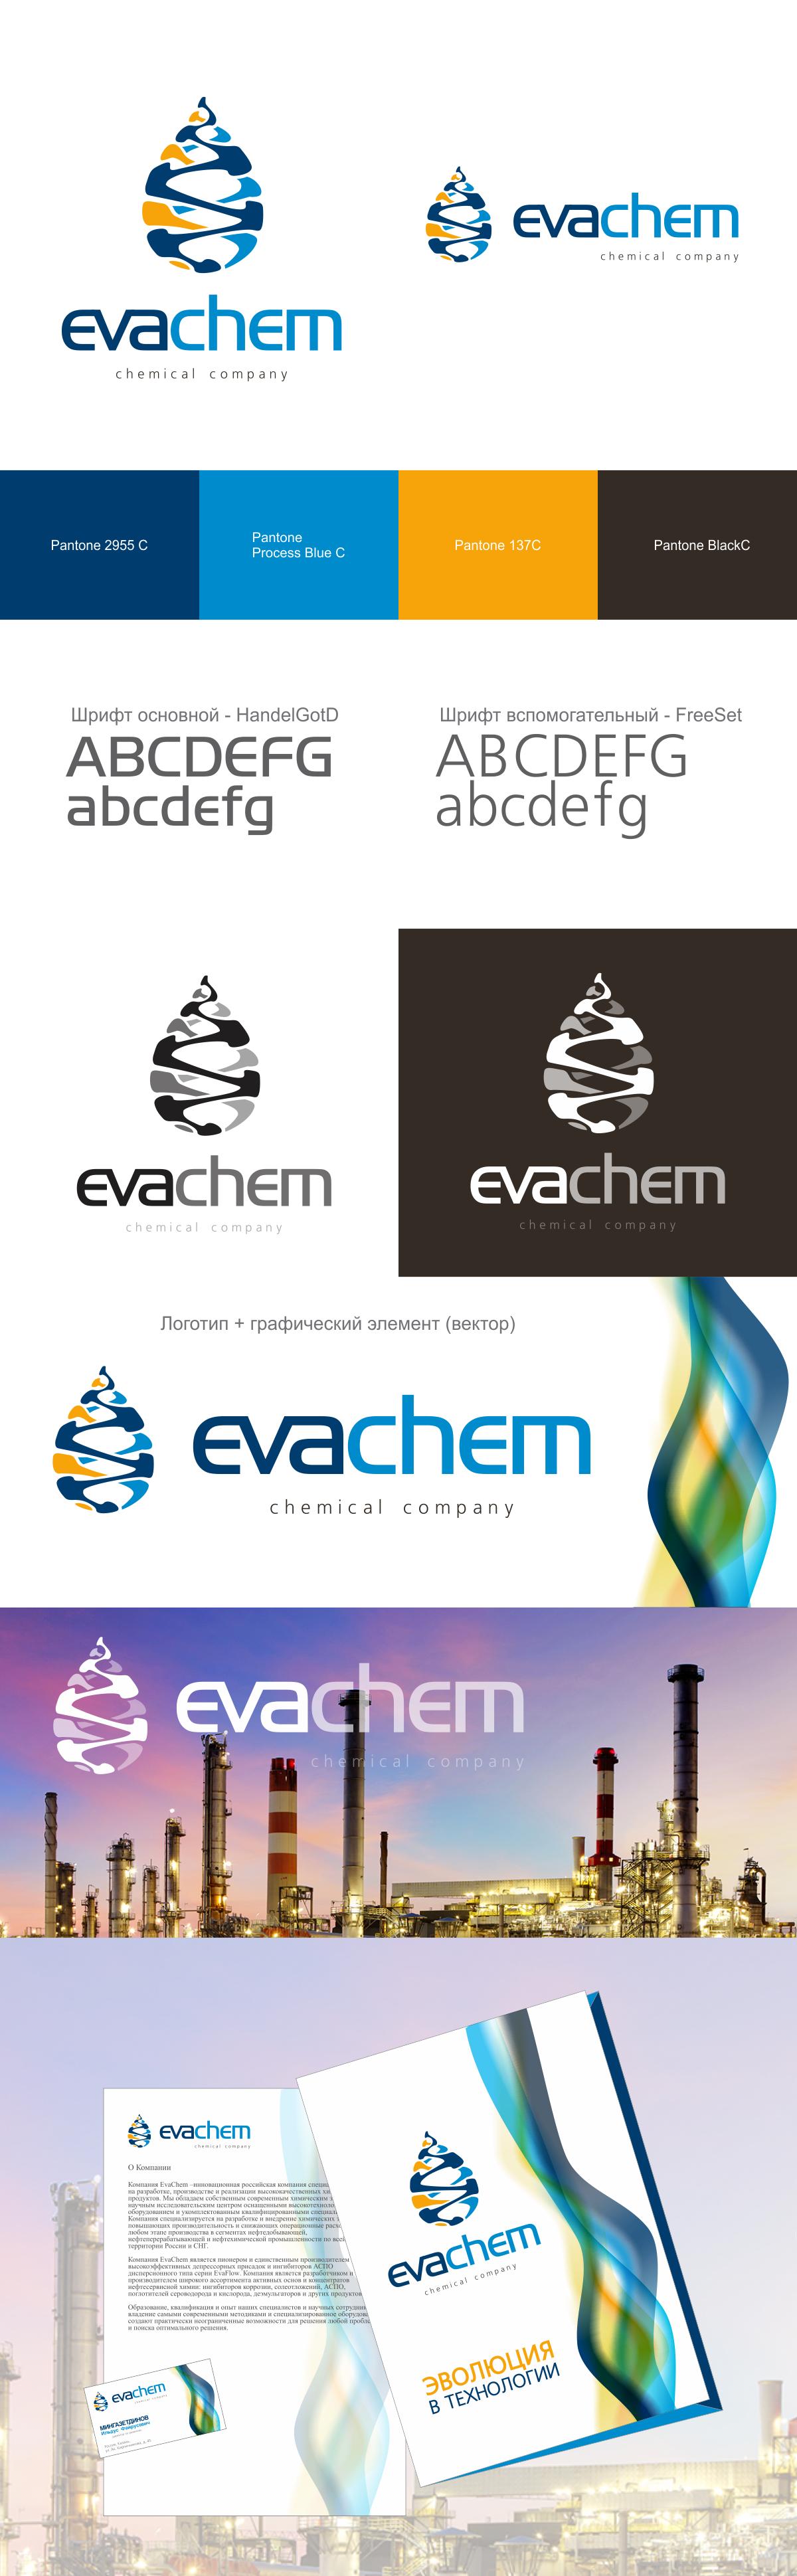 Разработка логотипа и фирменного стиля компании фото f_6415736eee014b20.png